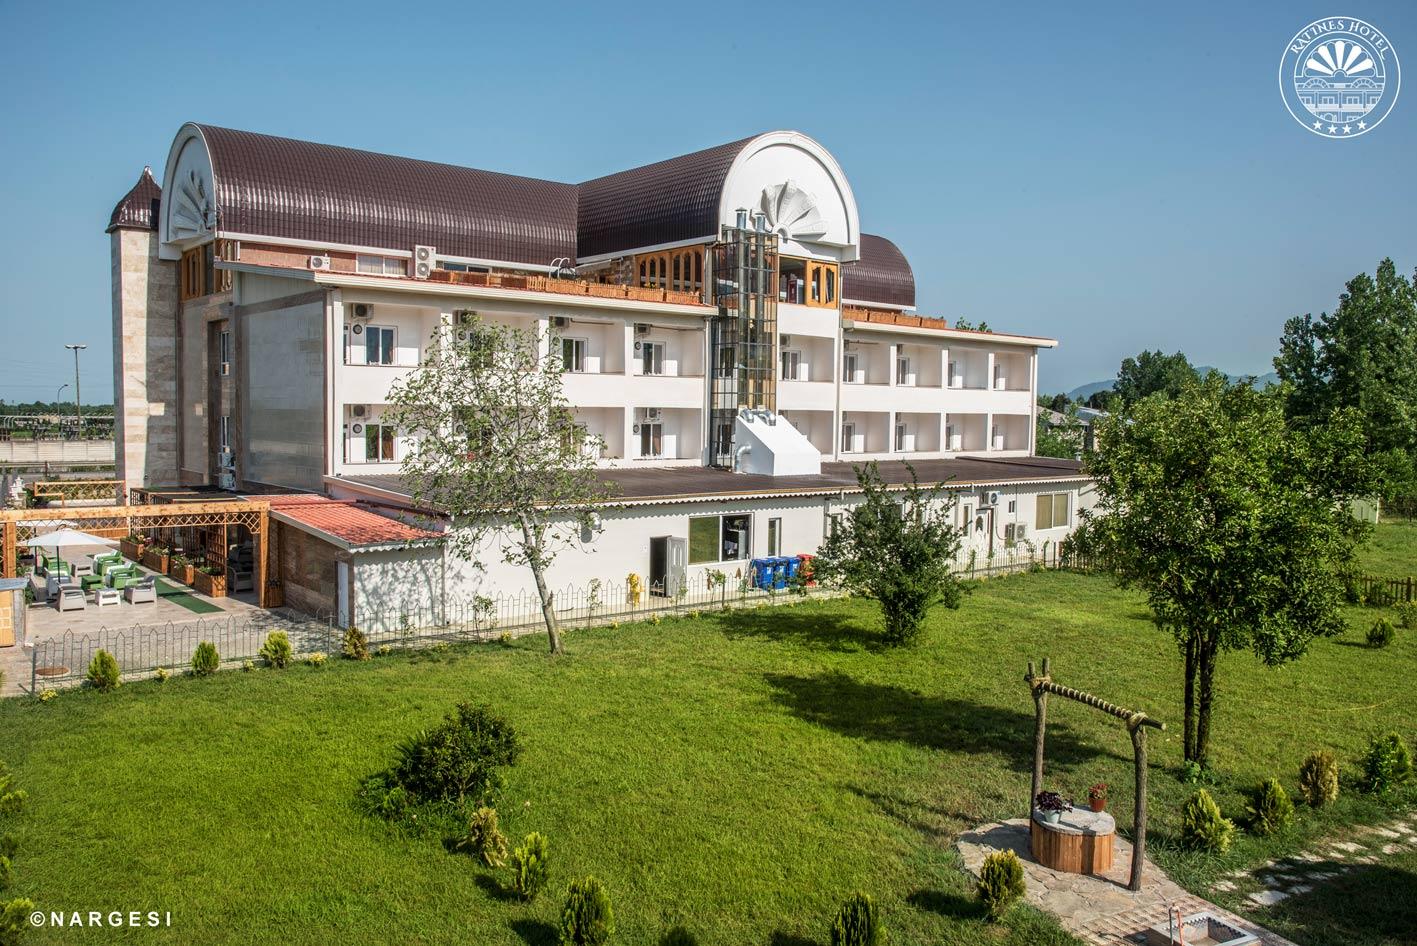 با موافقت مدیریت هتل؛ تخفیف هتل راتینس ادامه خواهد داشت!